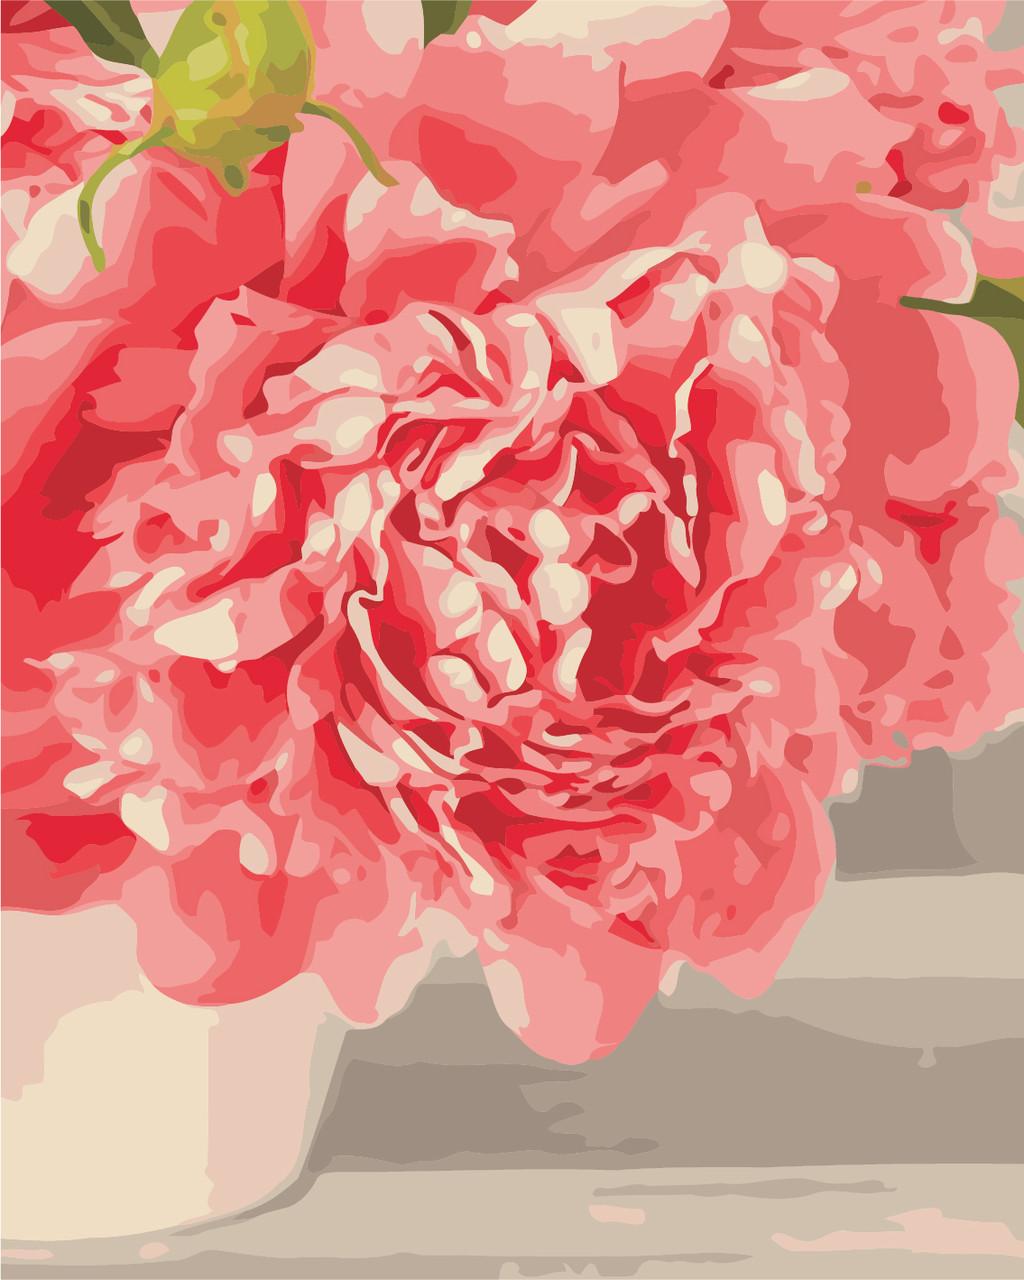 AS0330 Набор живописи по номерам Розовые пионы, В картонной коробке